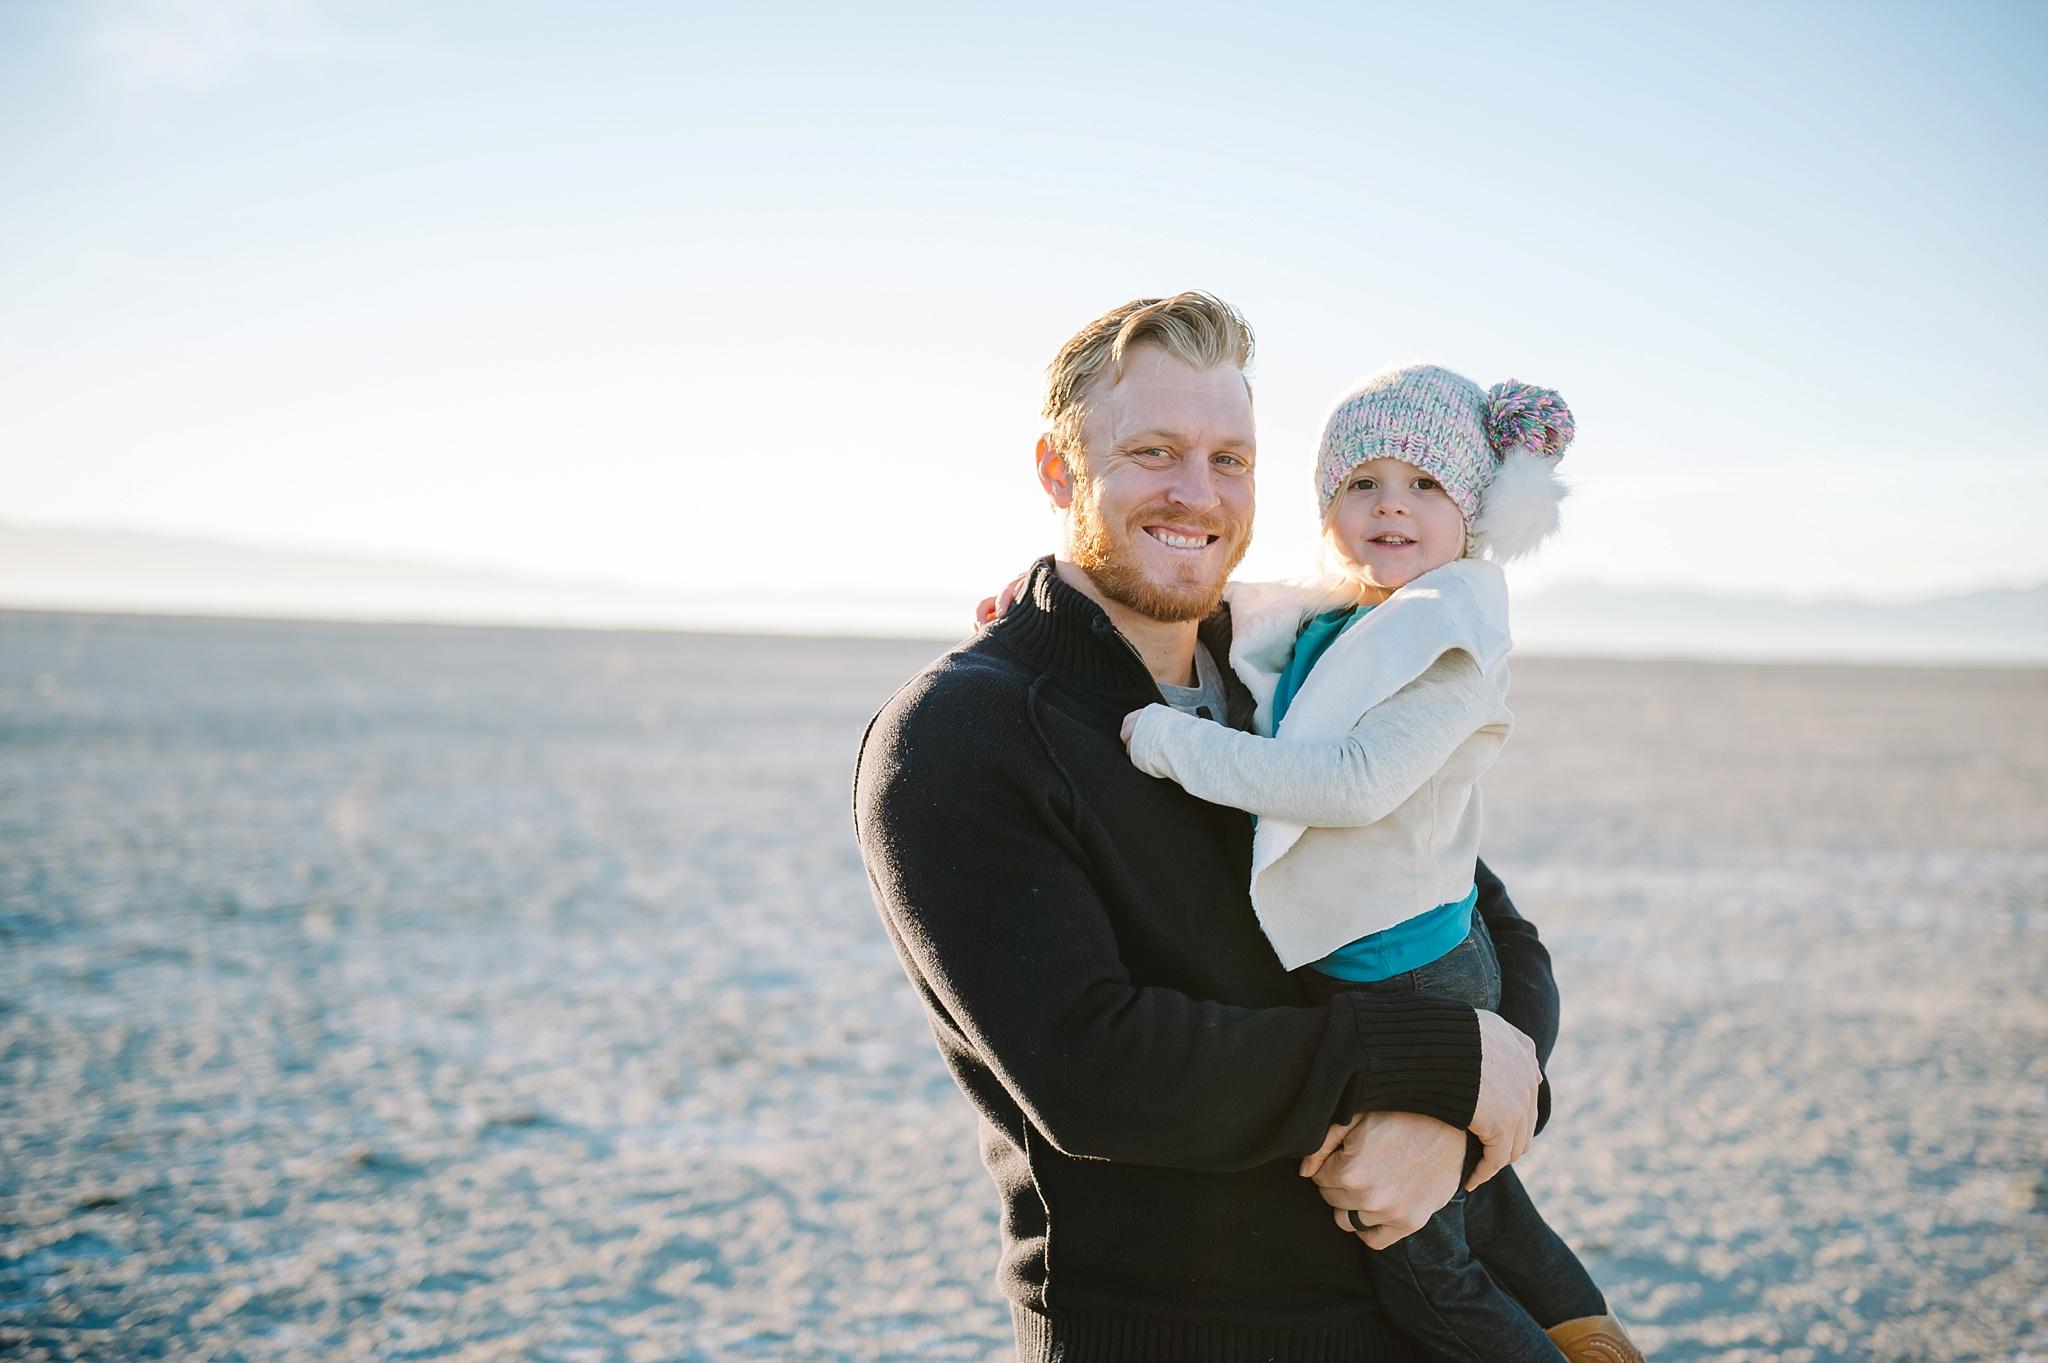 SLC Family Portrait Photographer Ali Sumsion 030